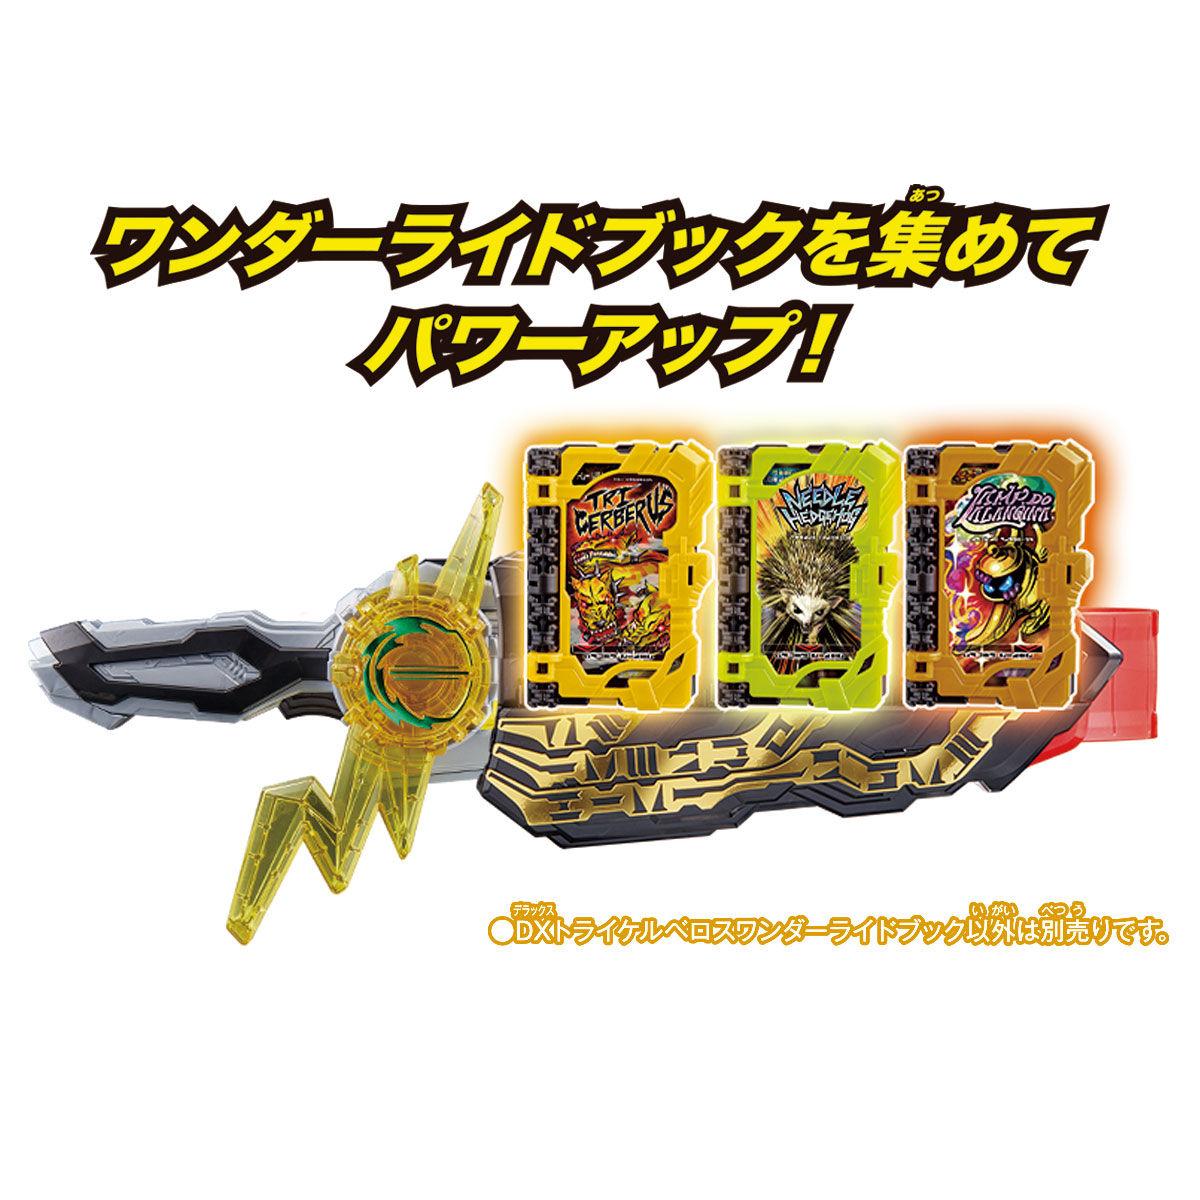 仮面ライダーセイバー『DXトライケルベロスワンダーライドブック』変身なりきり-006